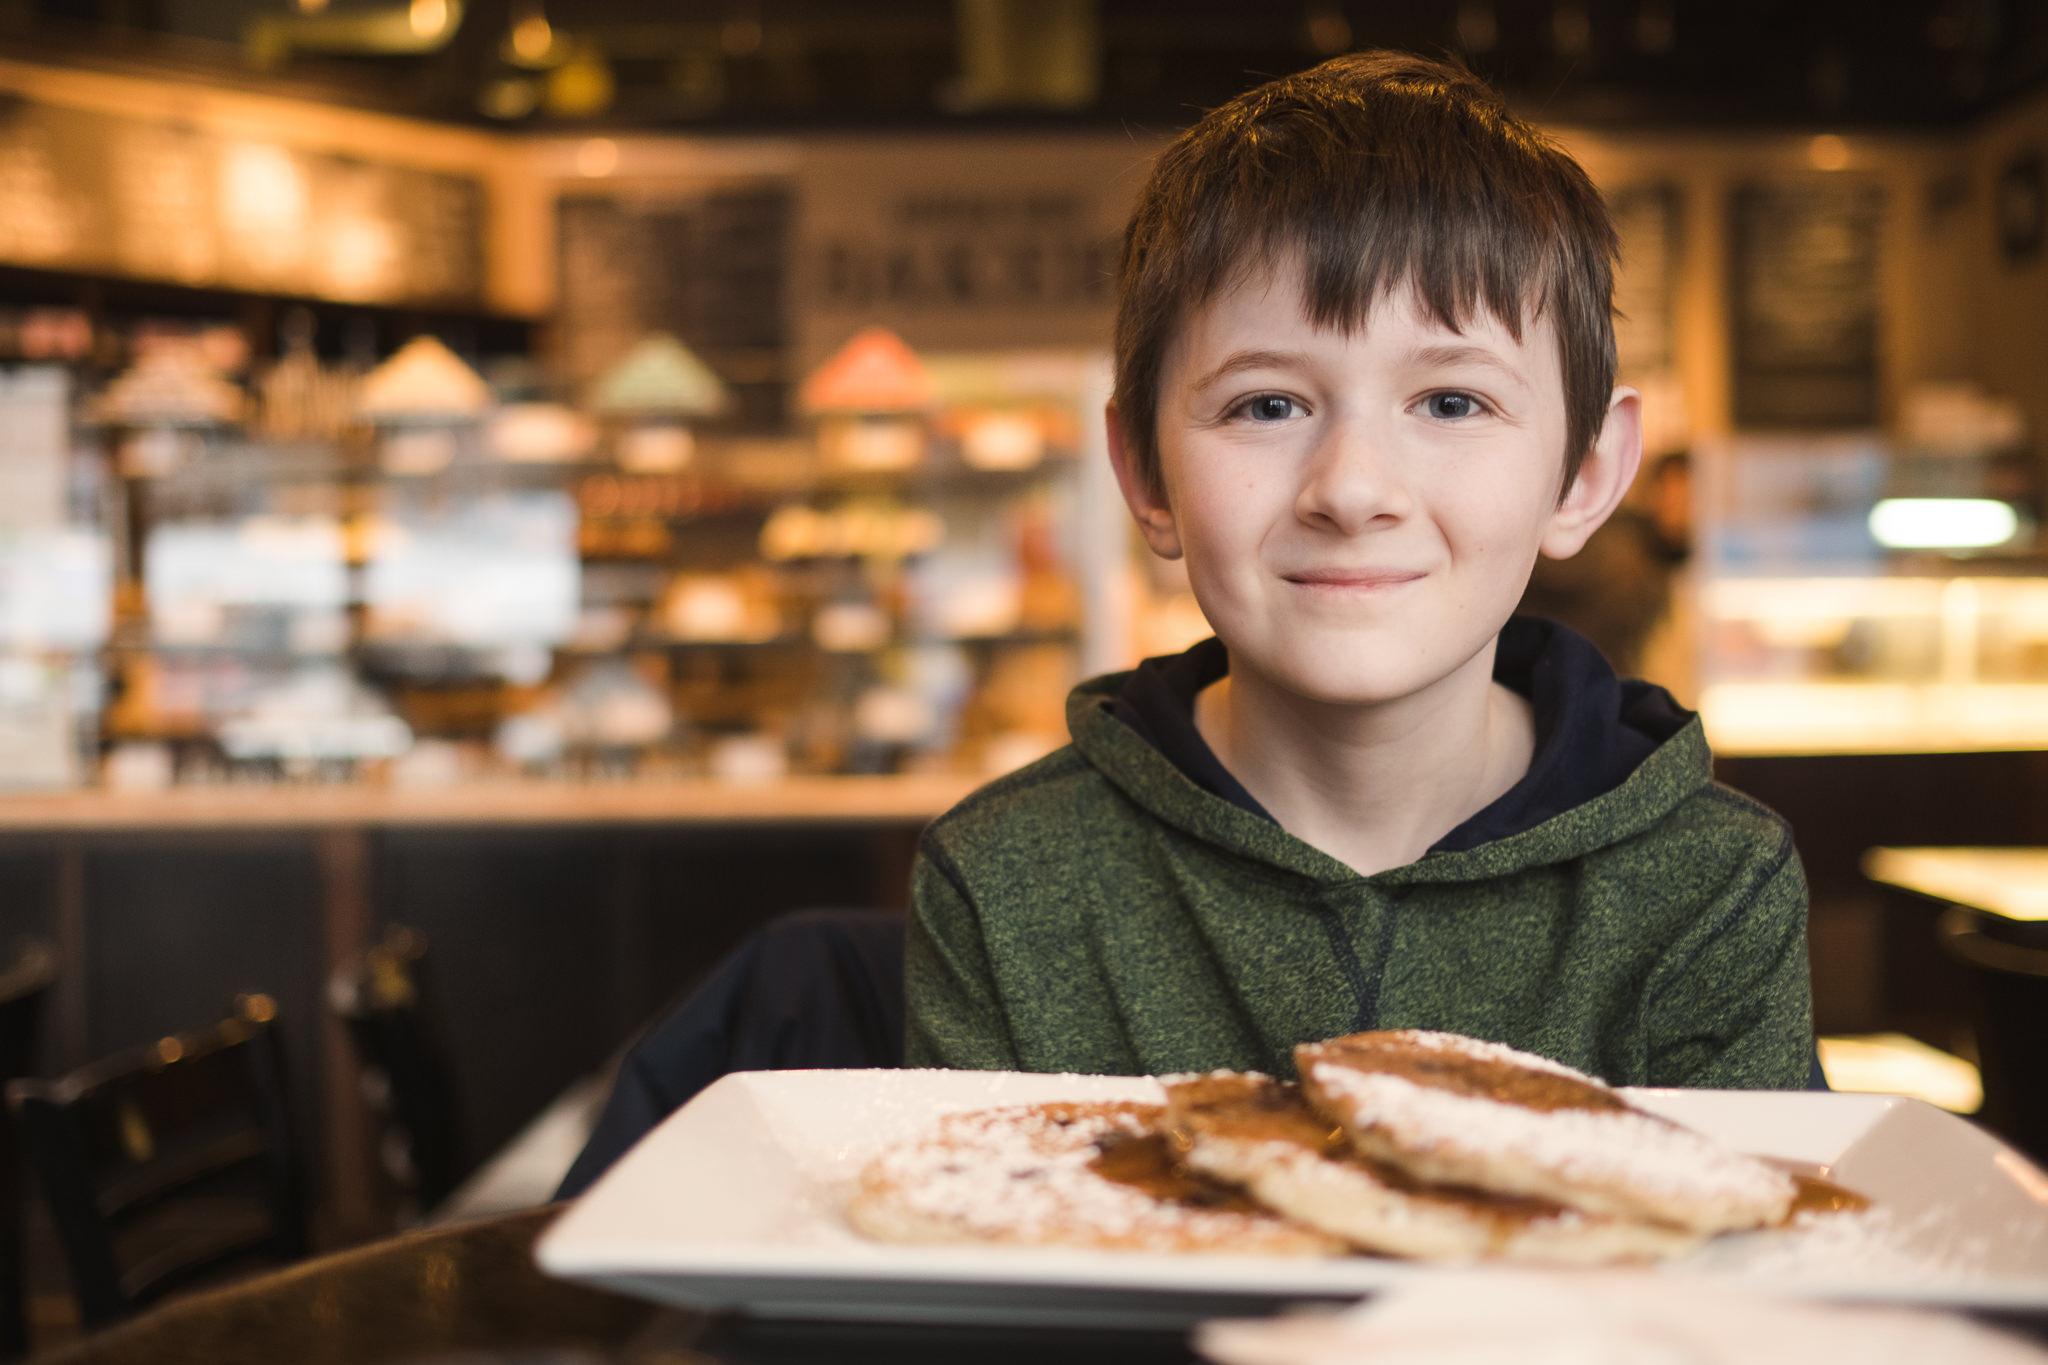 Boy at bakery